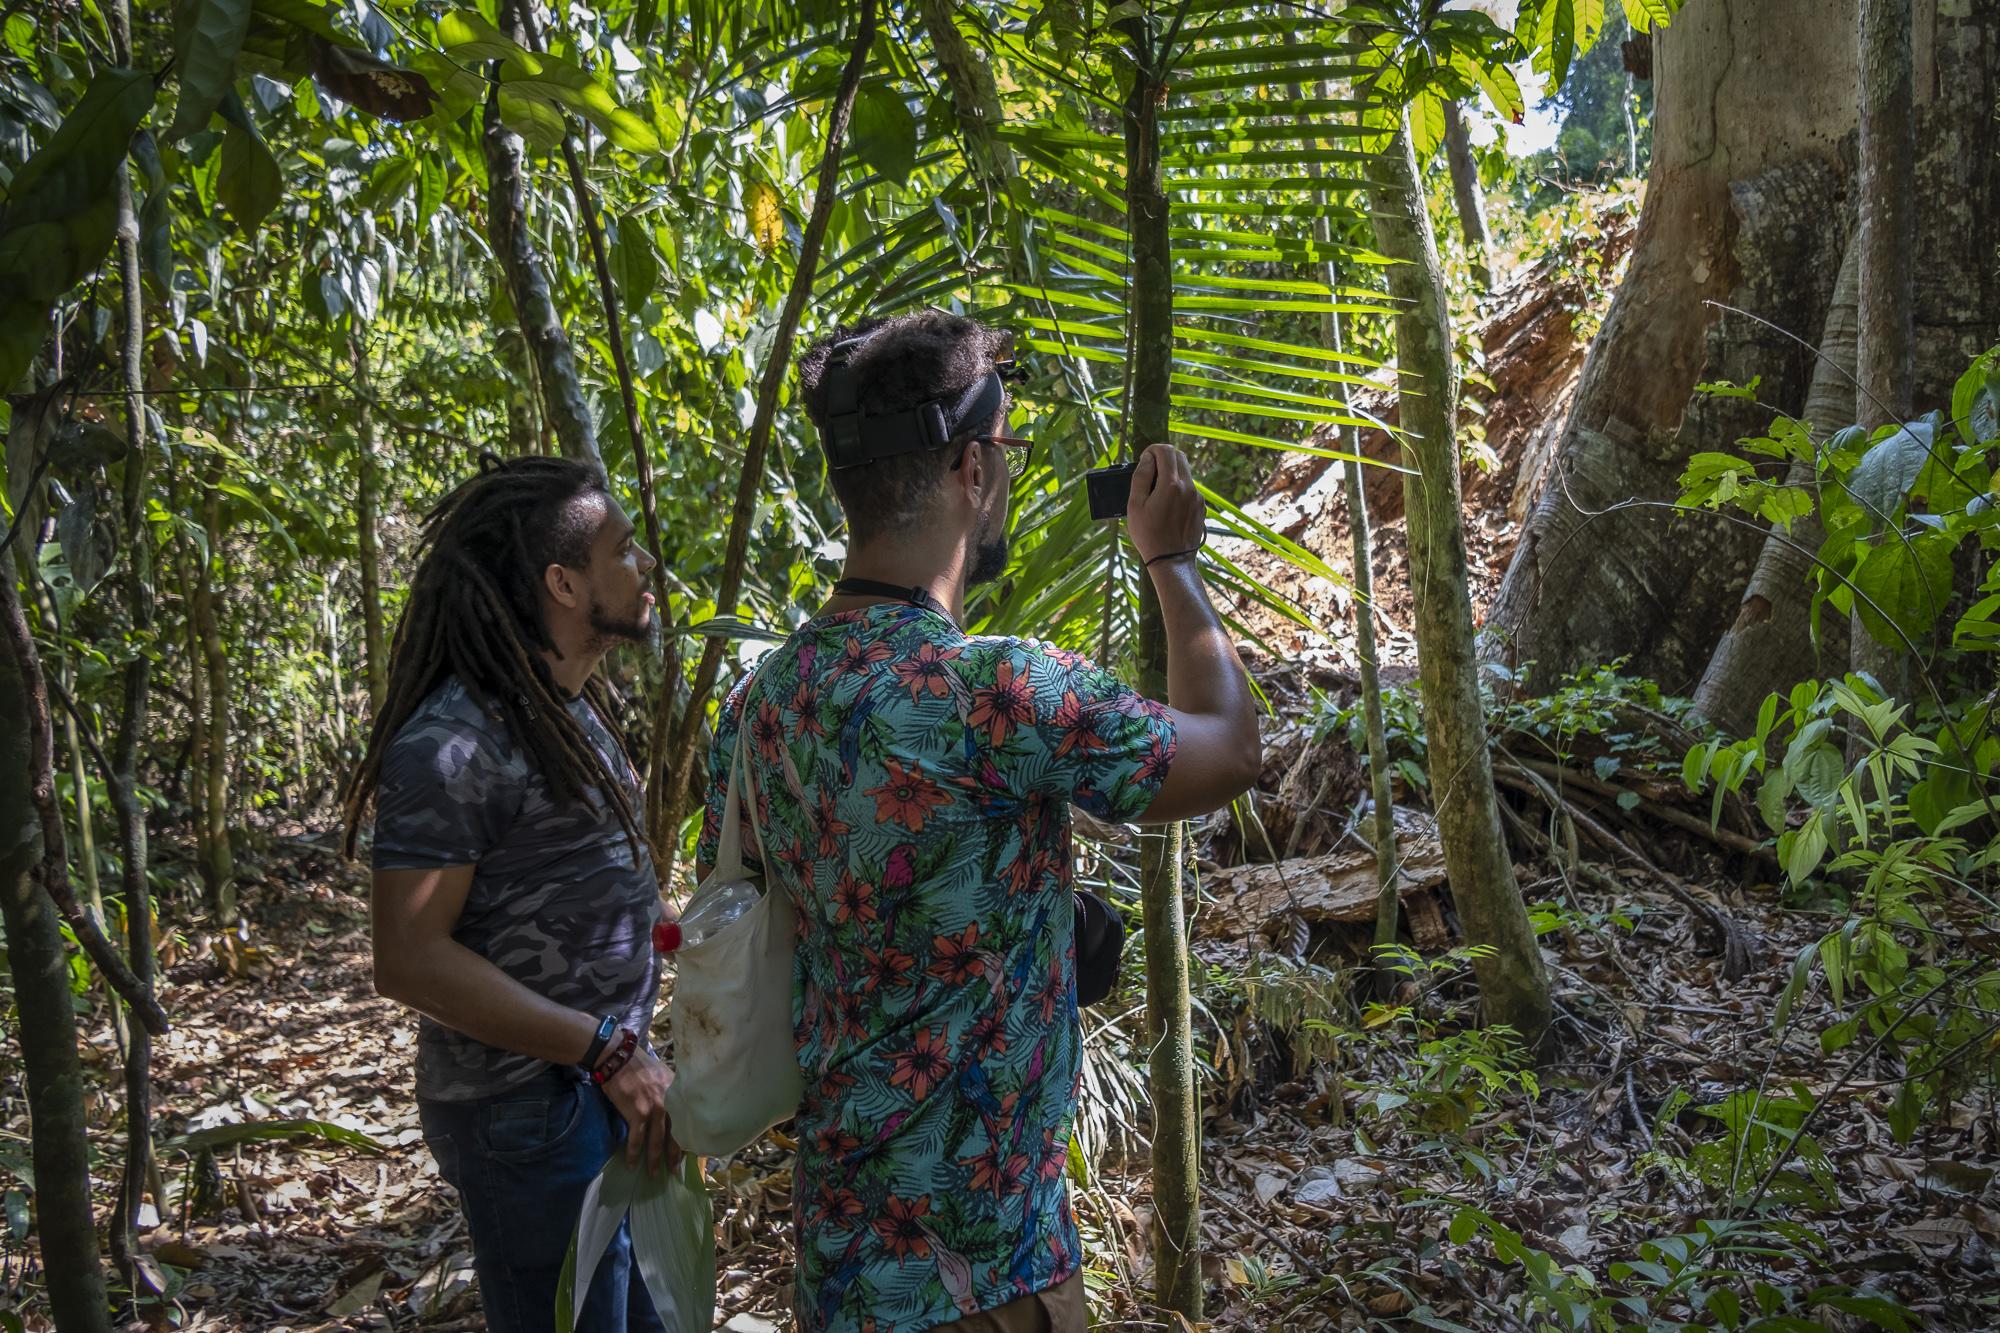 Flona Tapajós reabre ao turismo comunitário a pedido dos trabalhadores